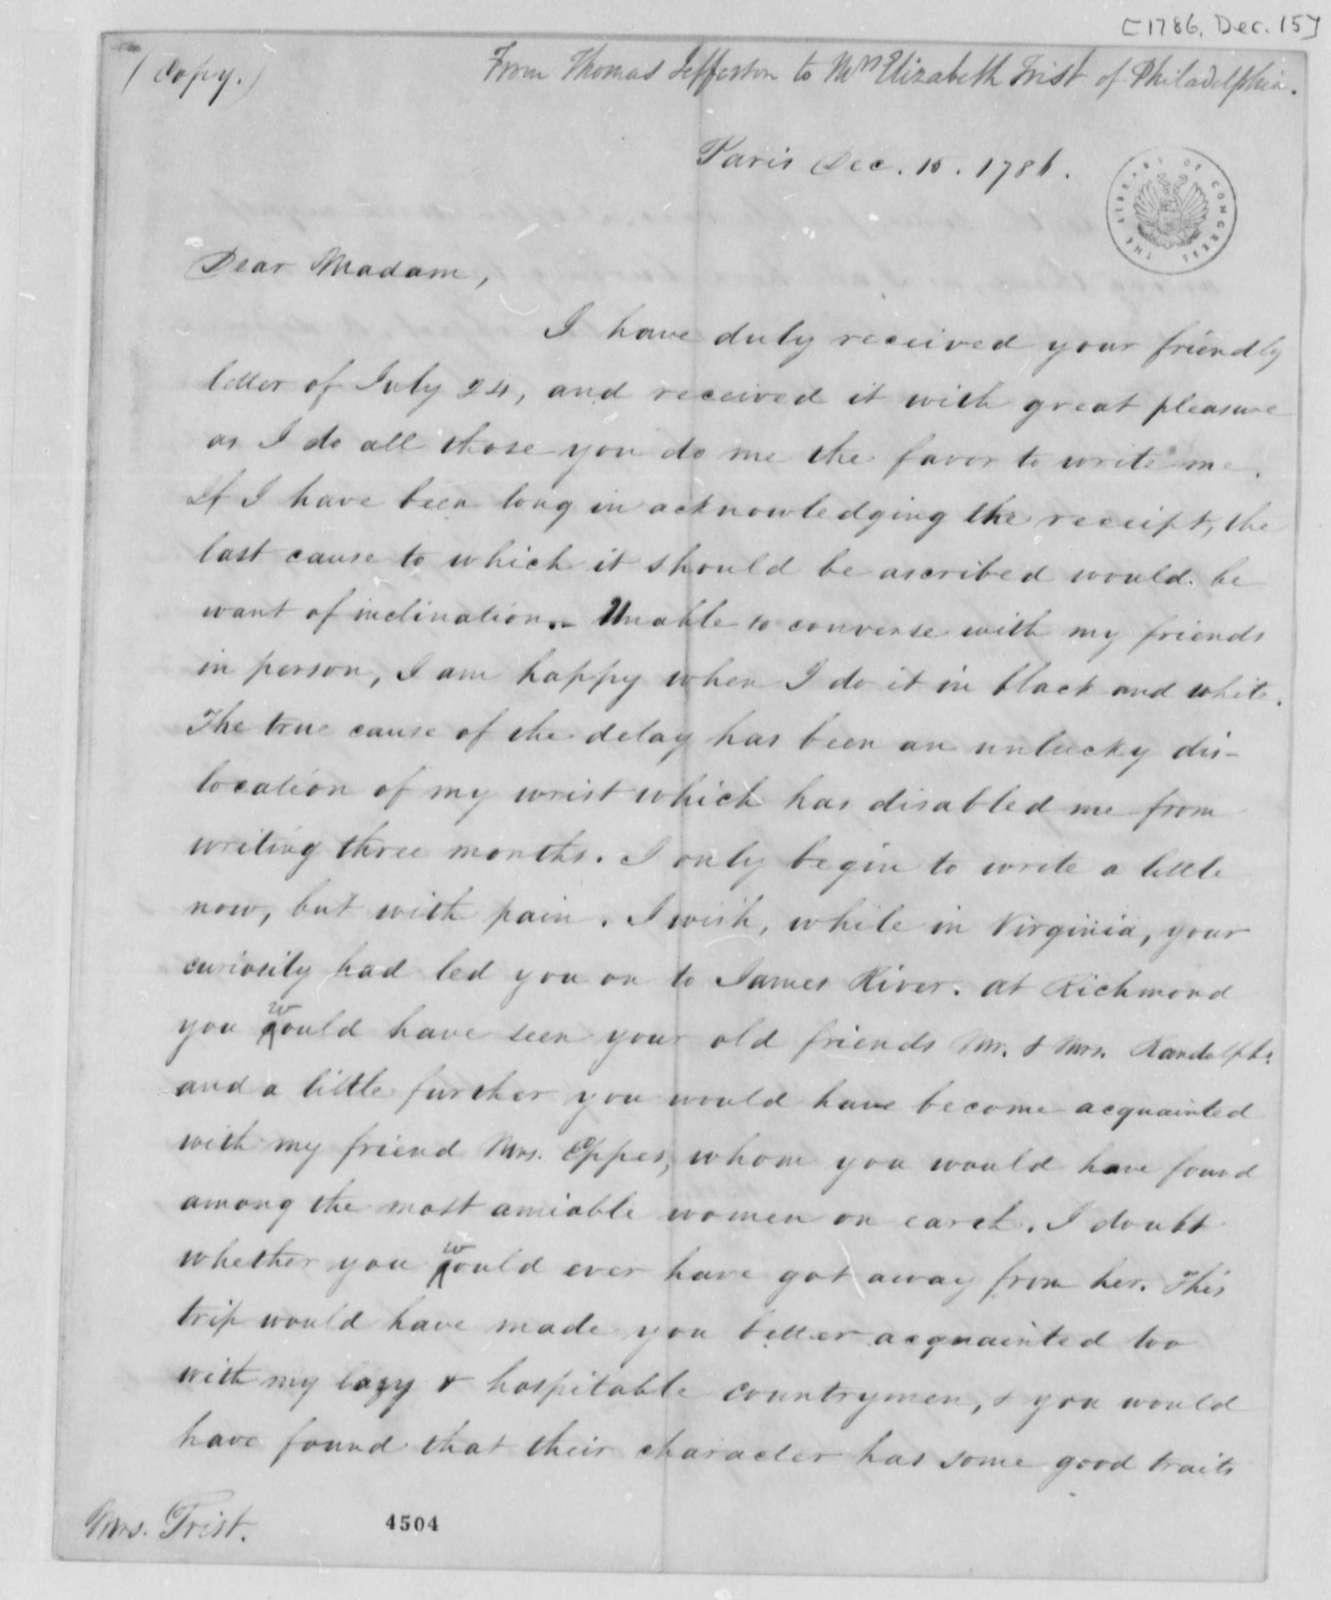 Thomas Jefferson to Eliza House Trist, December 15, 1786